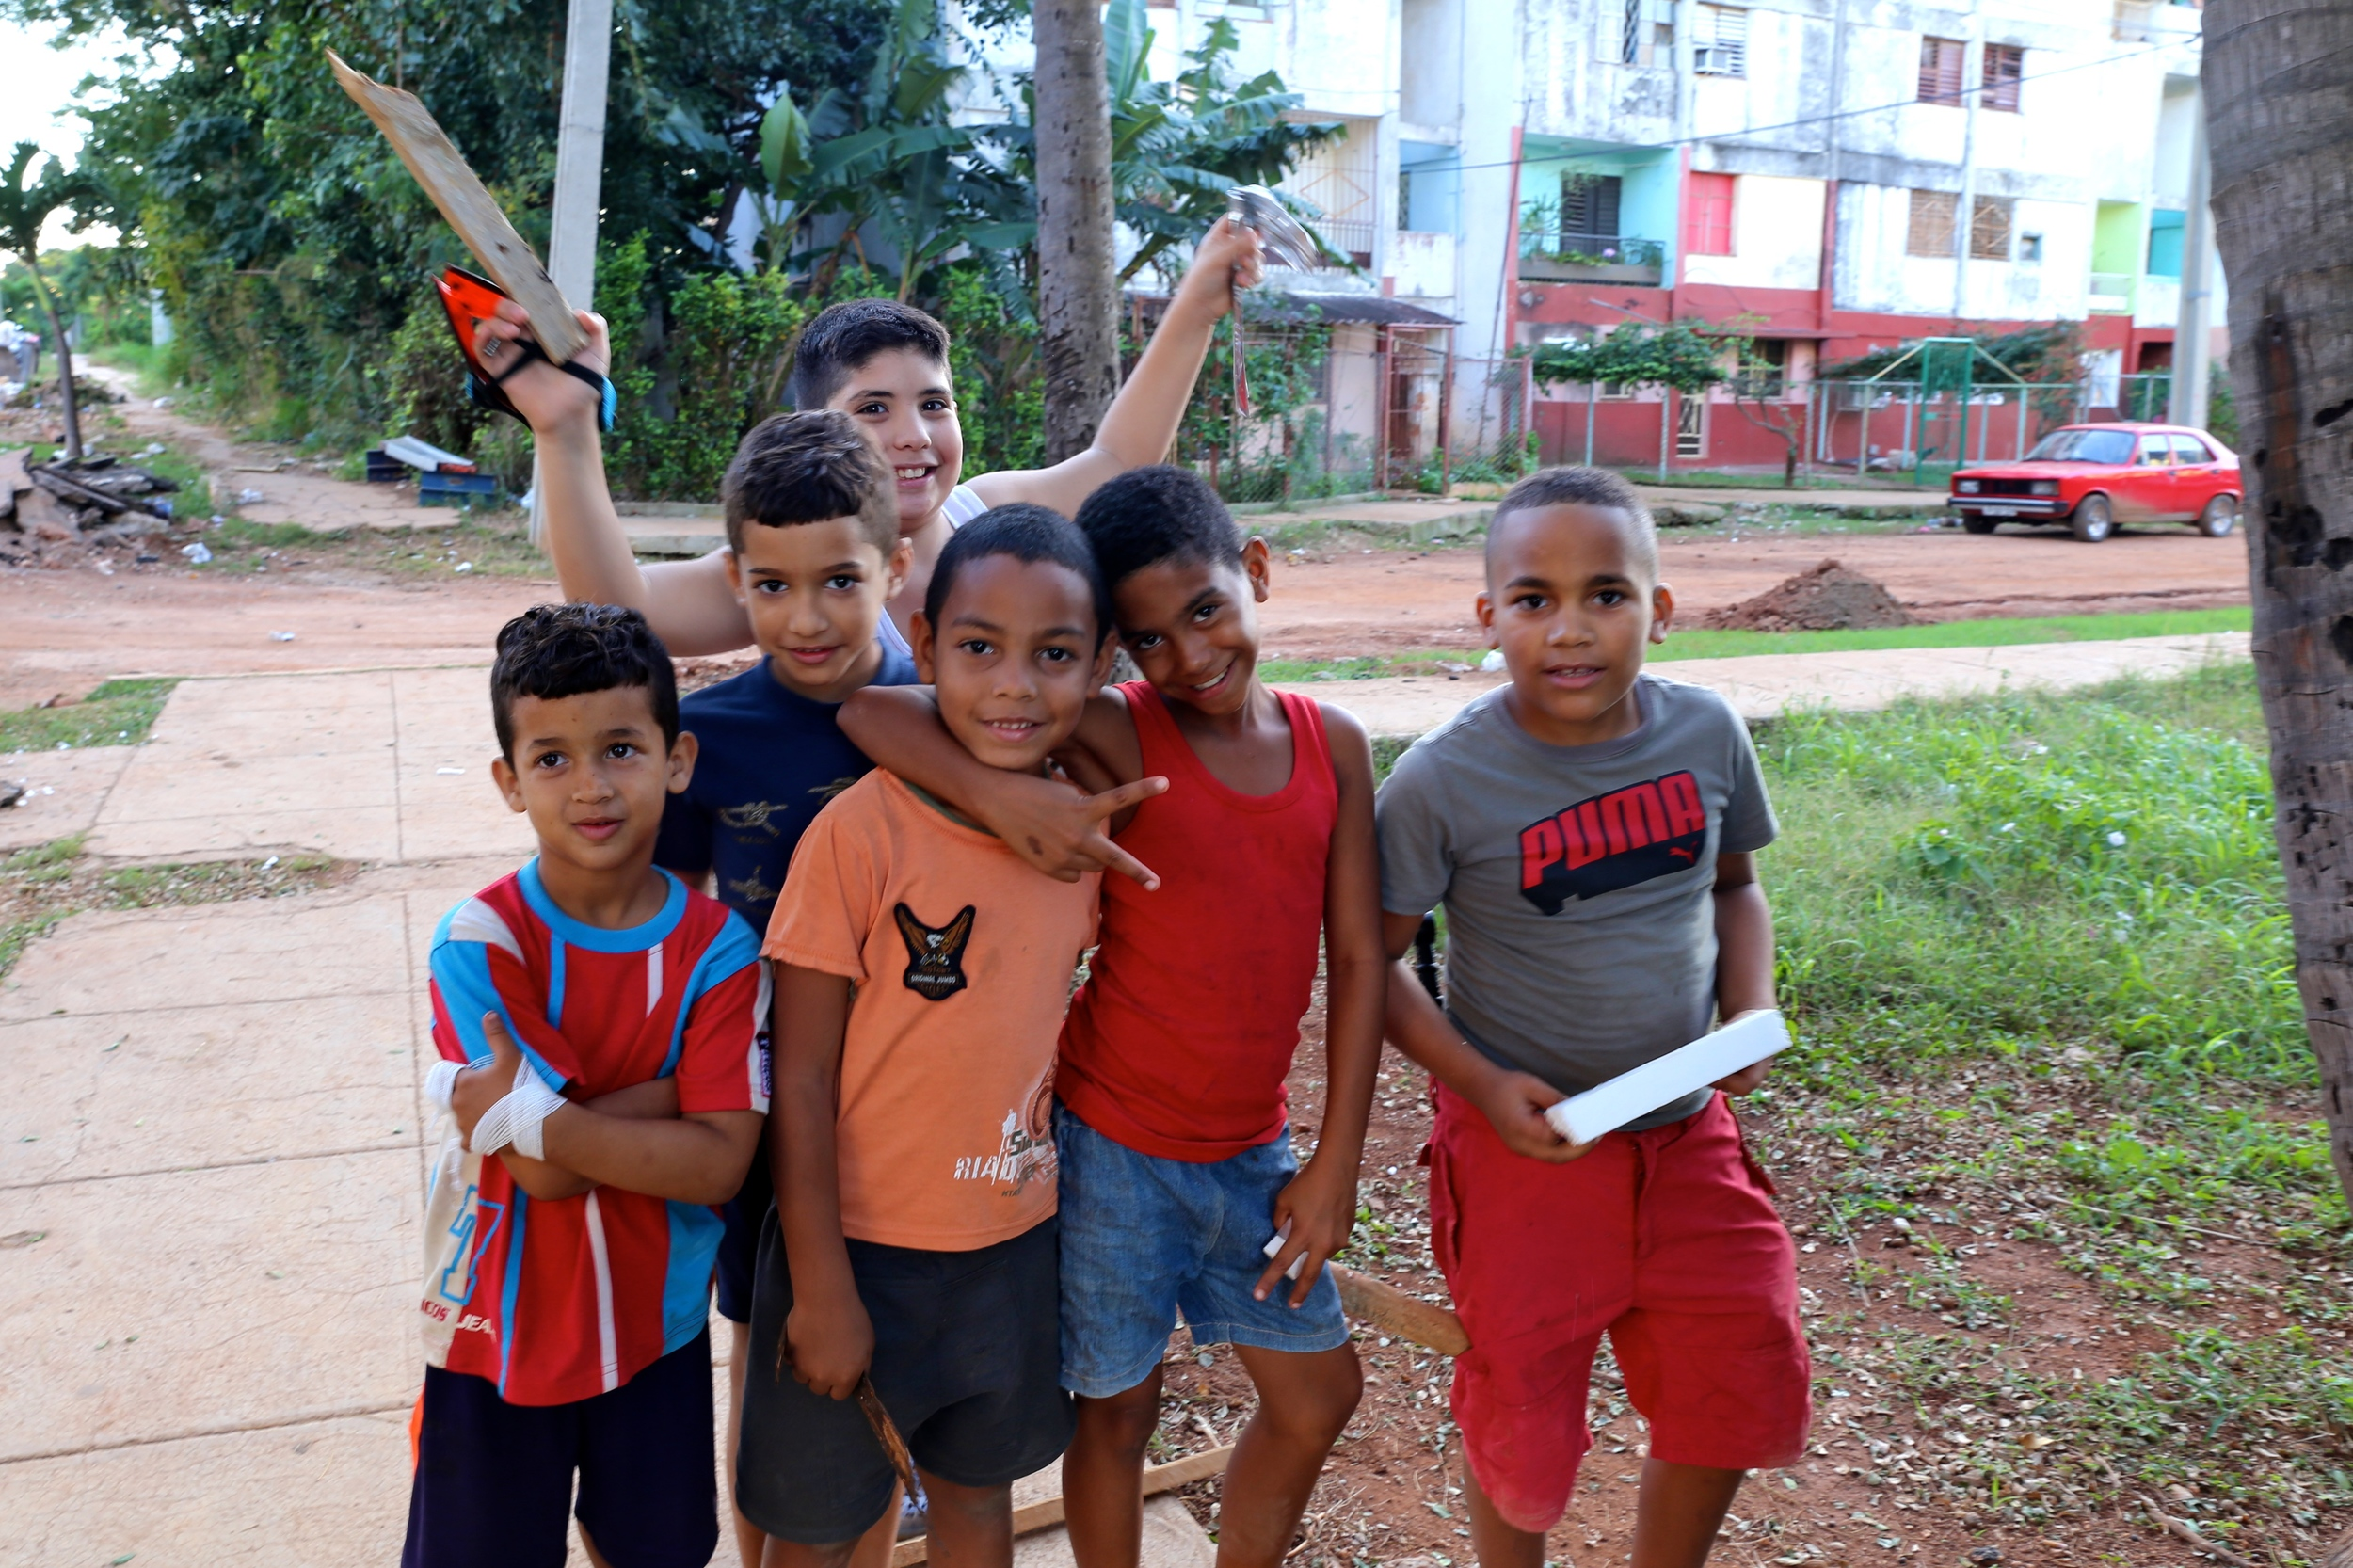 Cuban boys